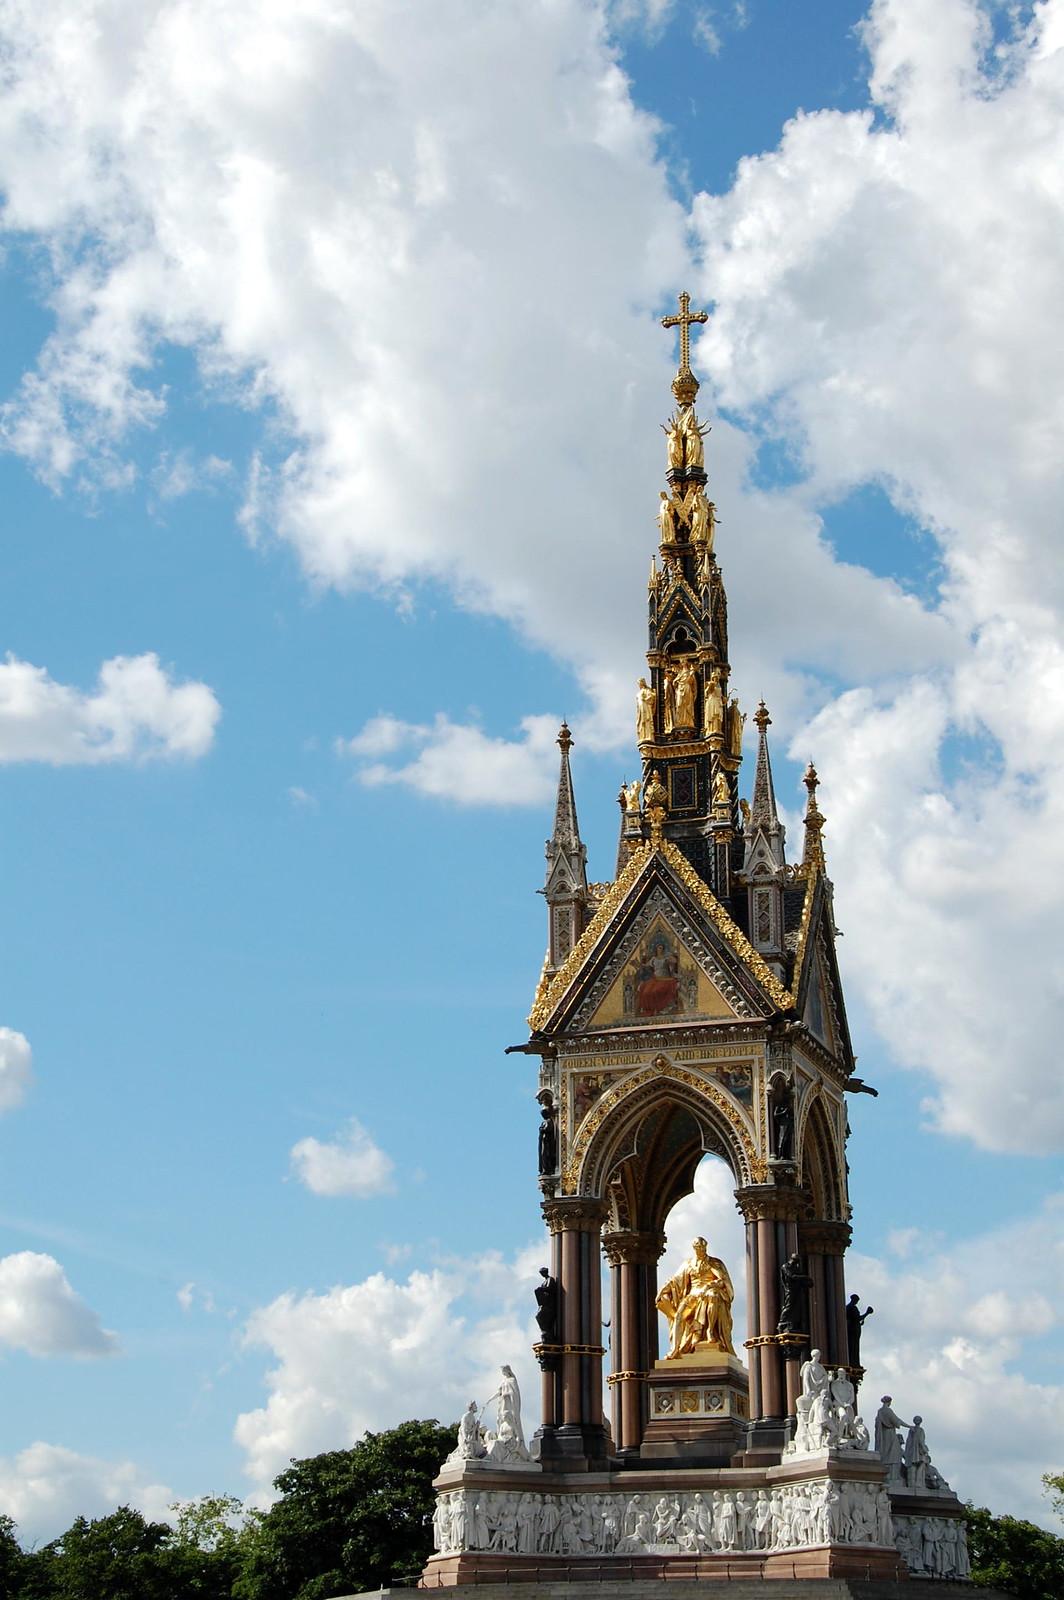 Albert-memorial-kensington-gardens-london